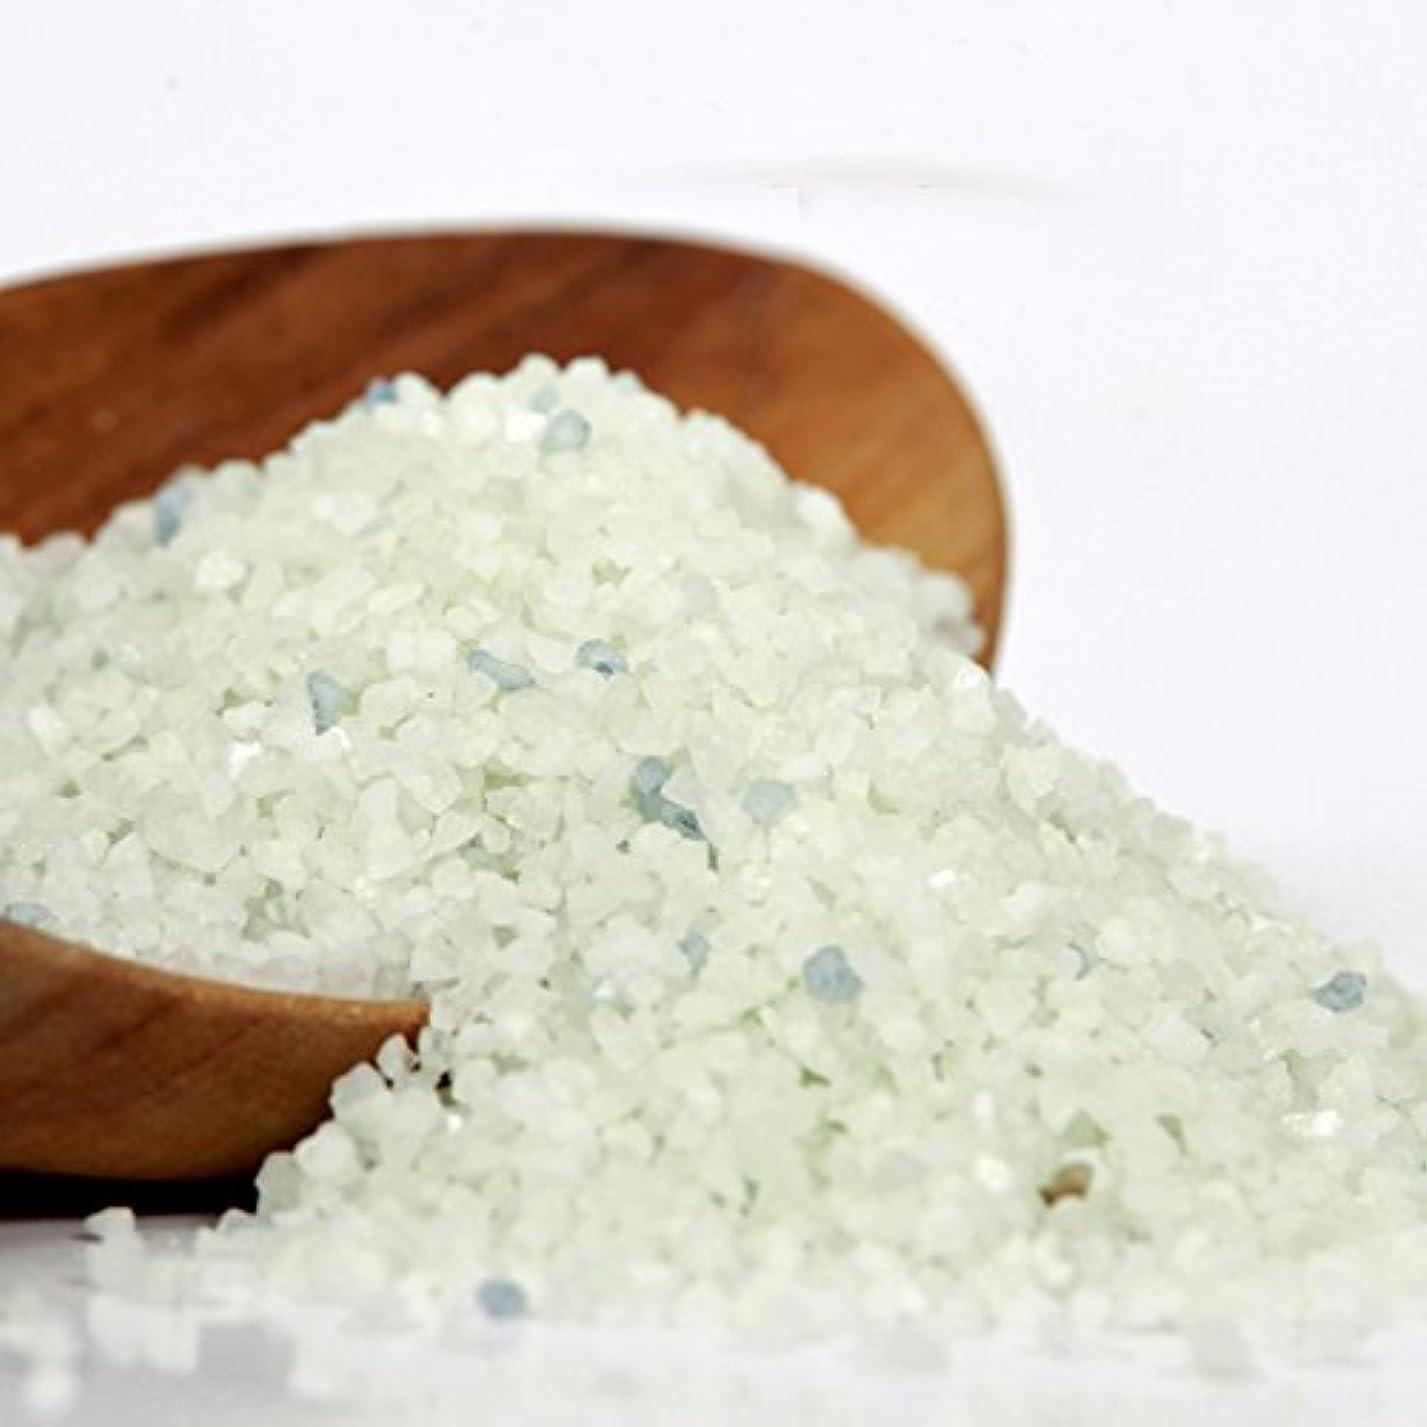 カプラー排泄する資料Bath Salt - Rosemary - 25Kg